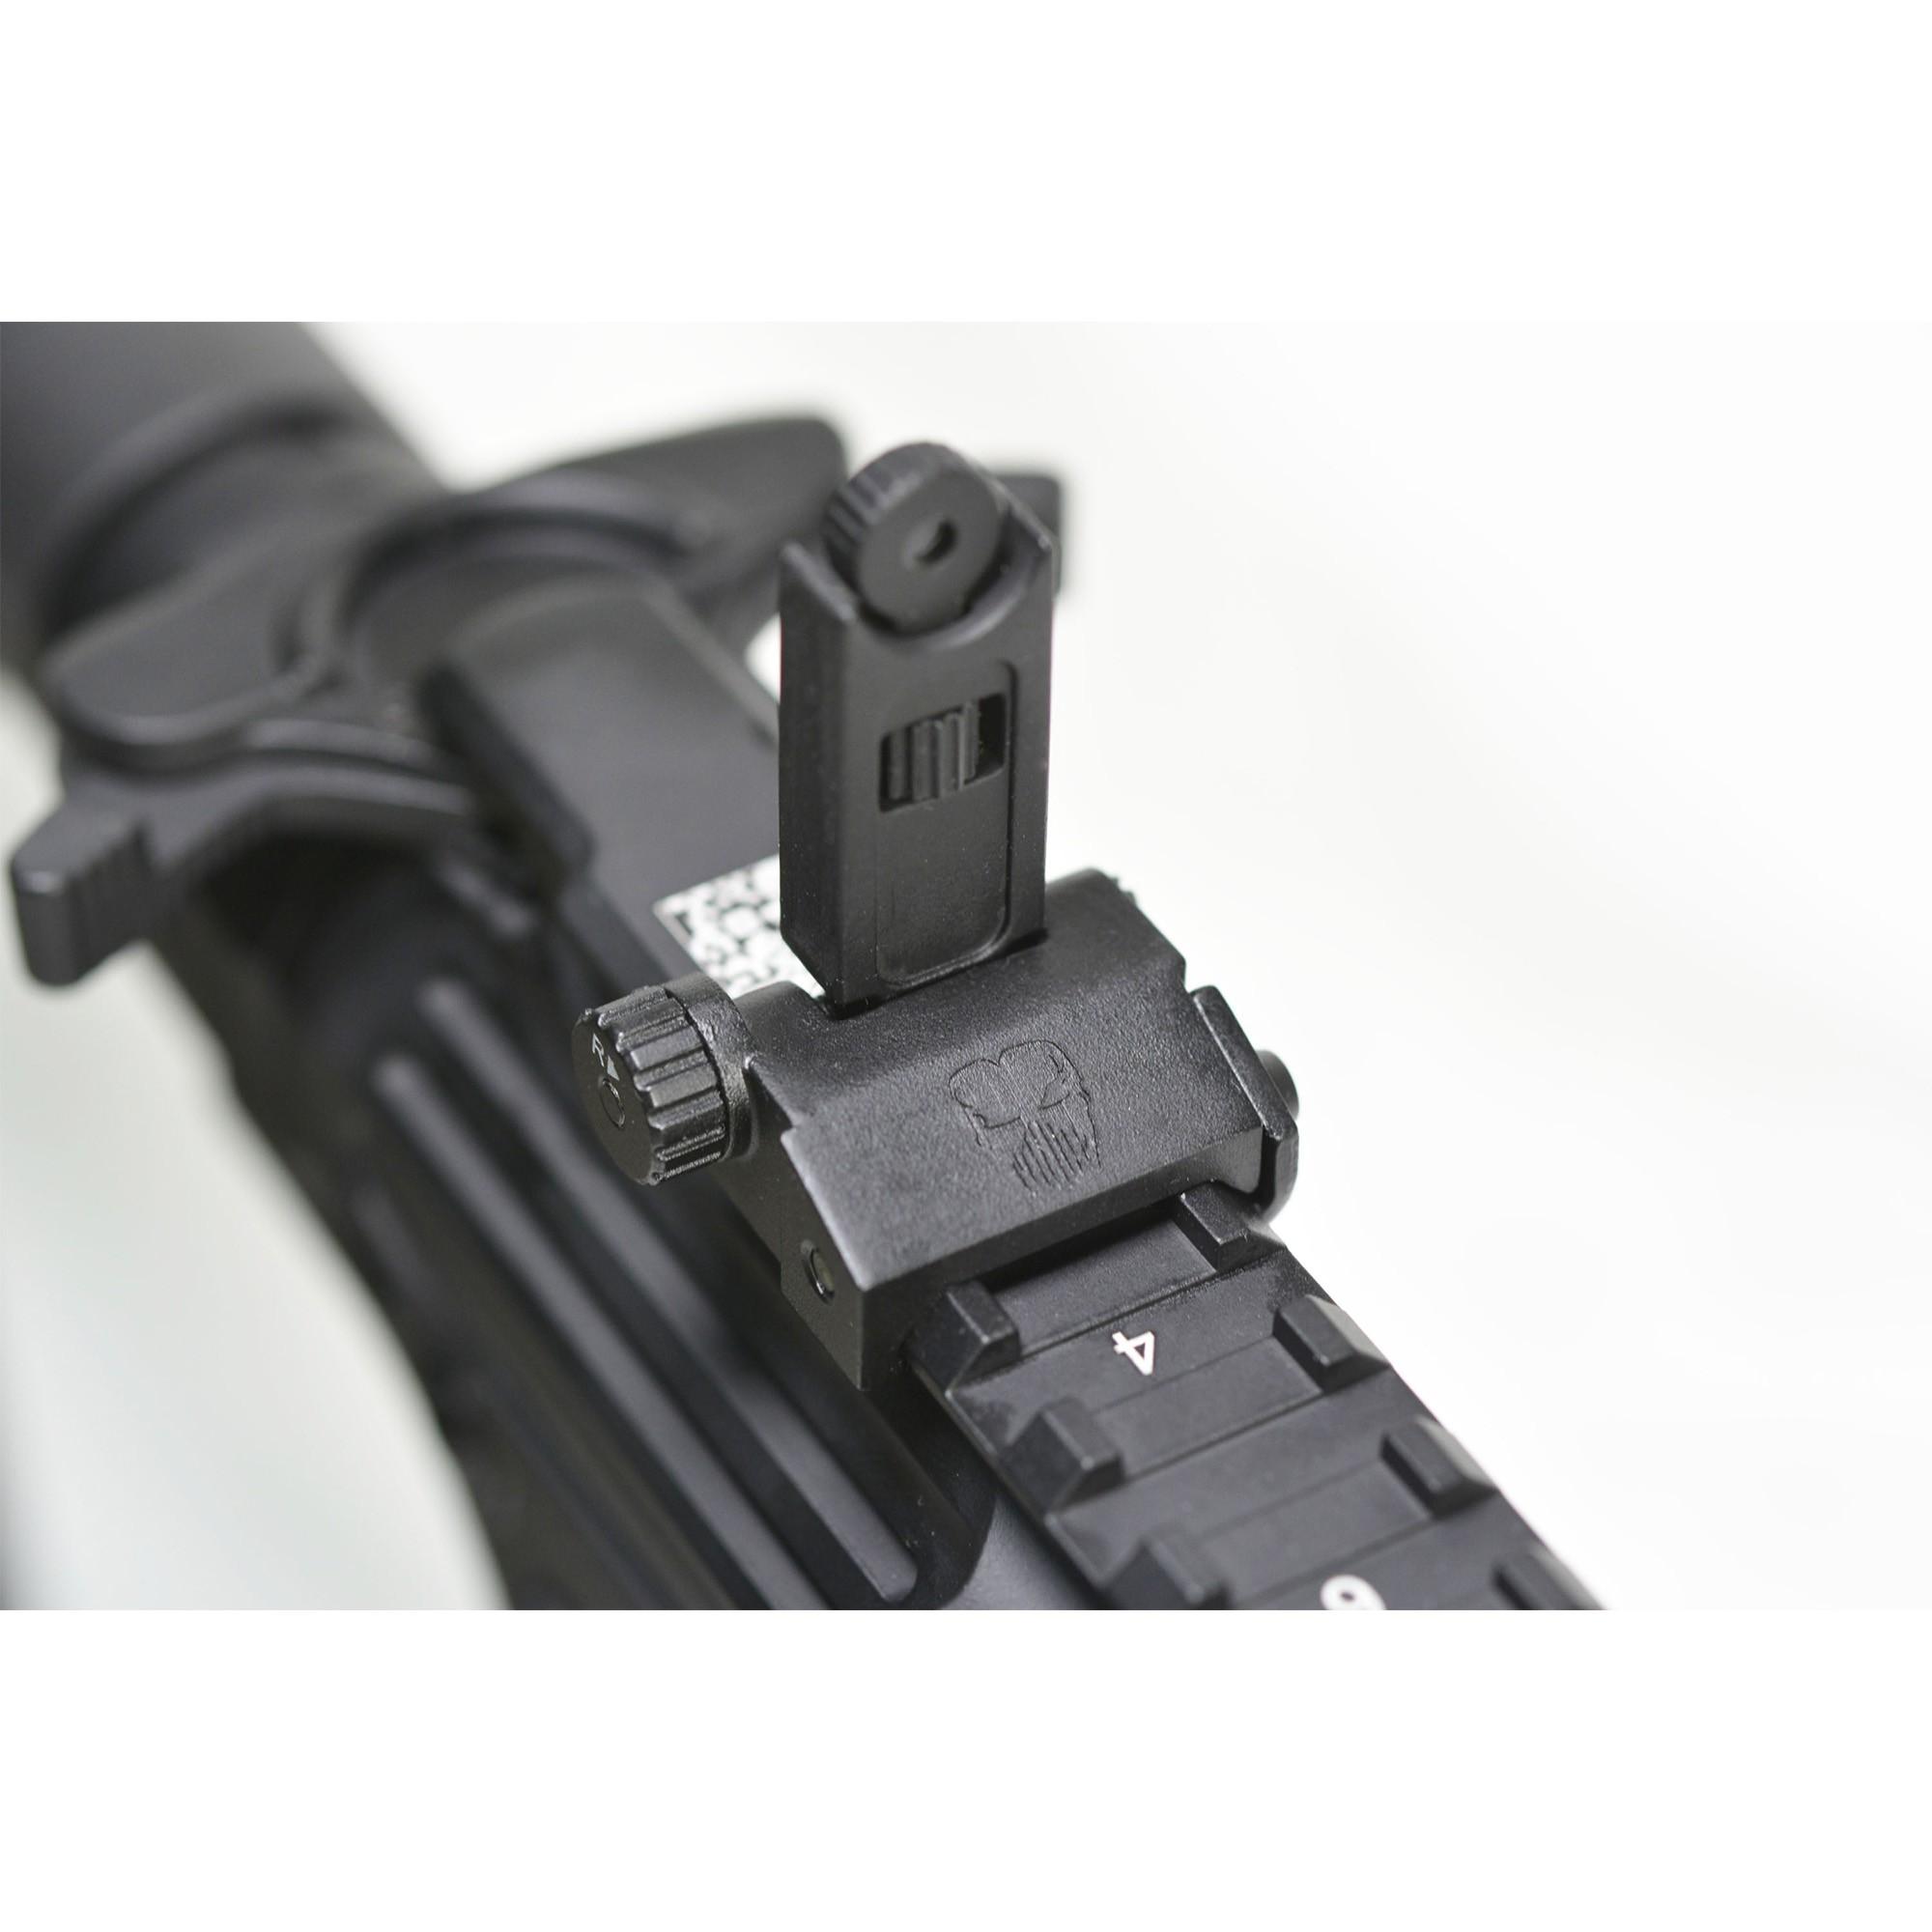 RIFLE DE AIRSOFT AEG M4 PHANTOM EXTREMIS RIFLES BLACK 12.5 FULL METAL BLOWBACK PER703B MKIIIB - APS